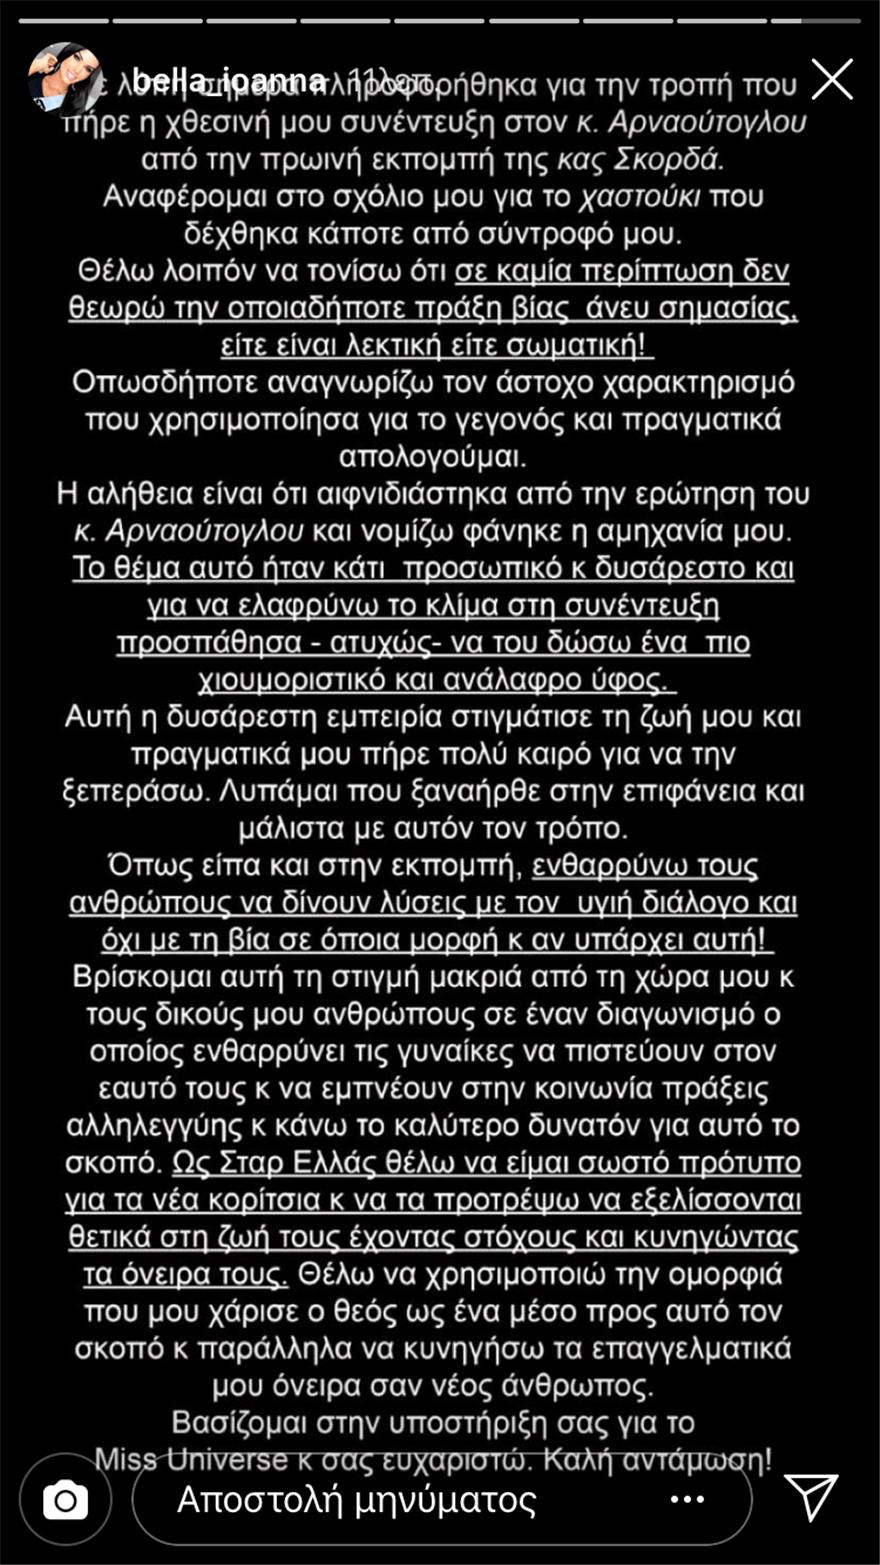 Η «απολογία» της Ιωάννας Μπέλλα: Αιφνιδιάστηκα - Στιγμάτισε τη ζωή μου το χαστούκι από σύντροφό μου